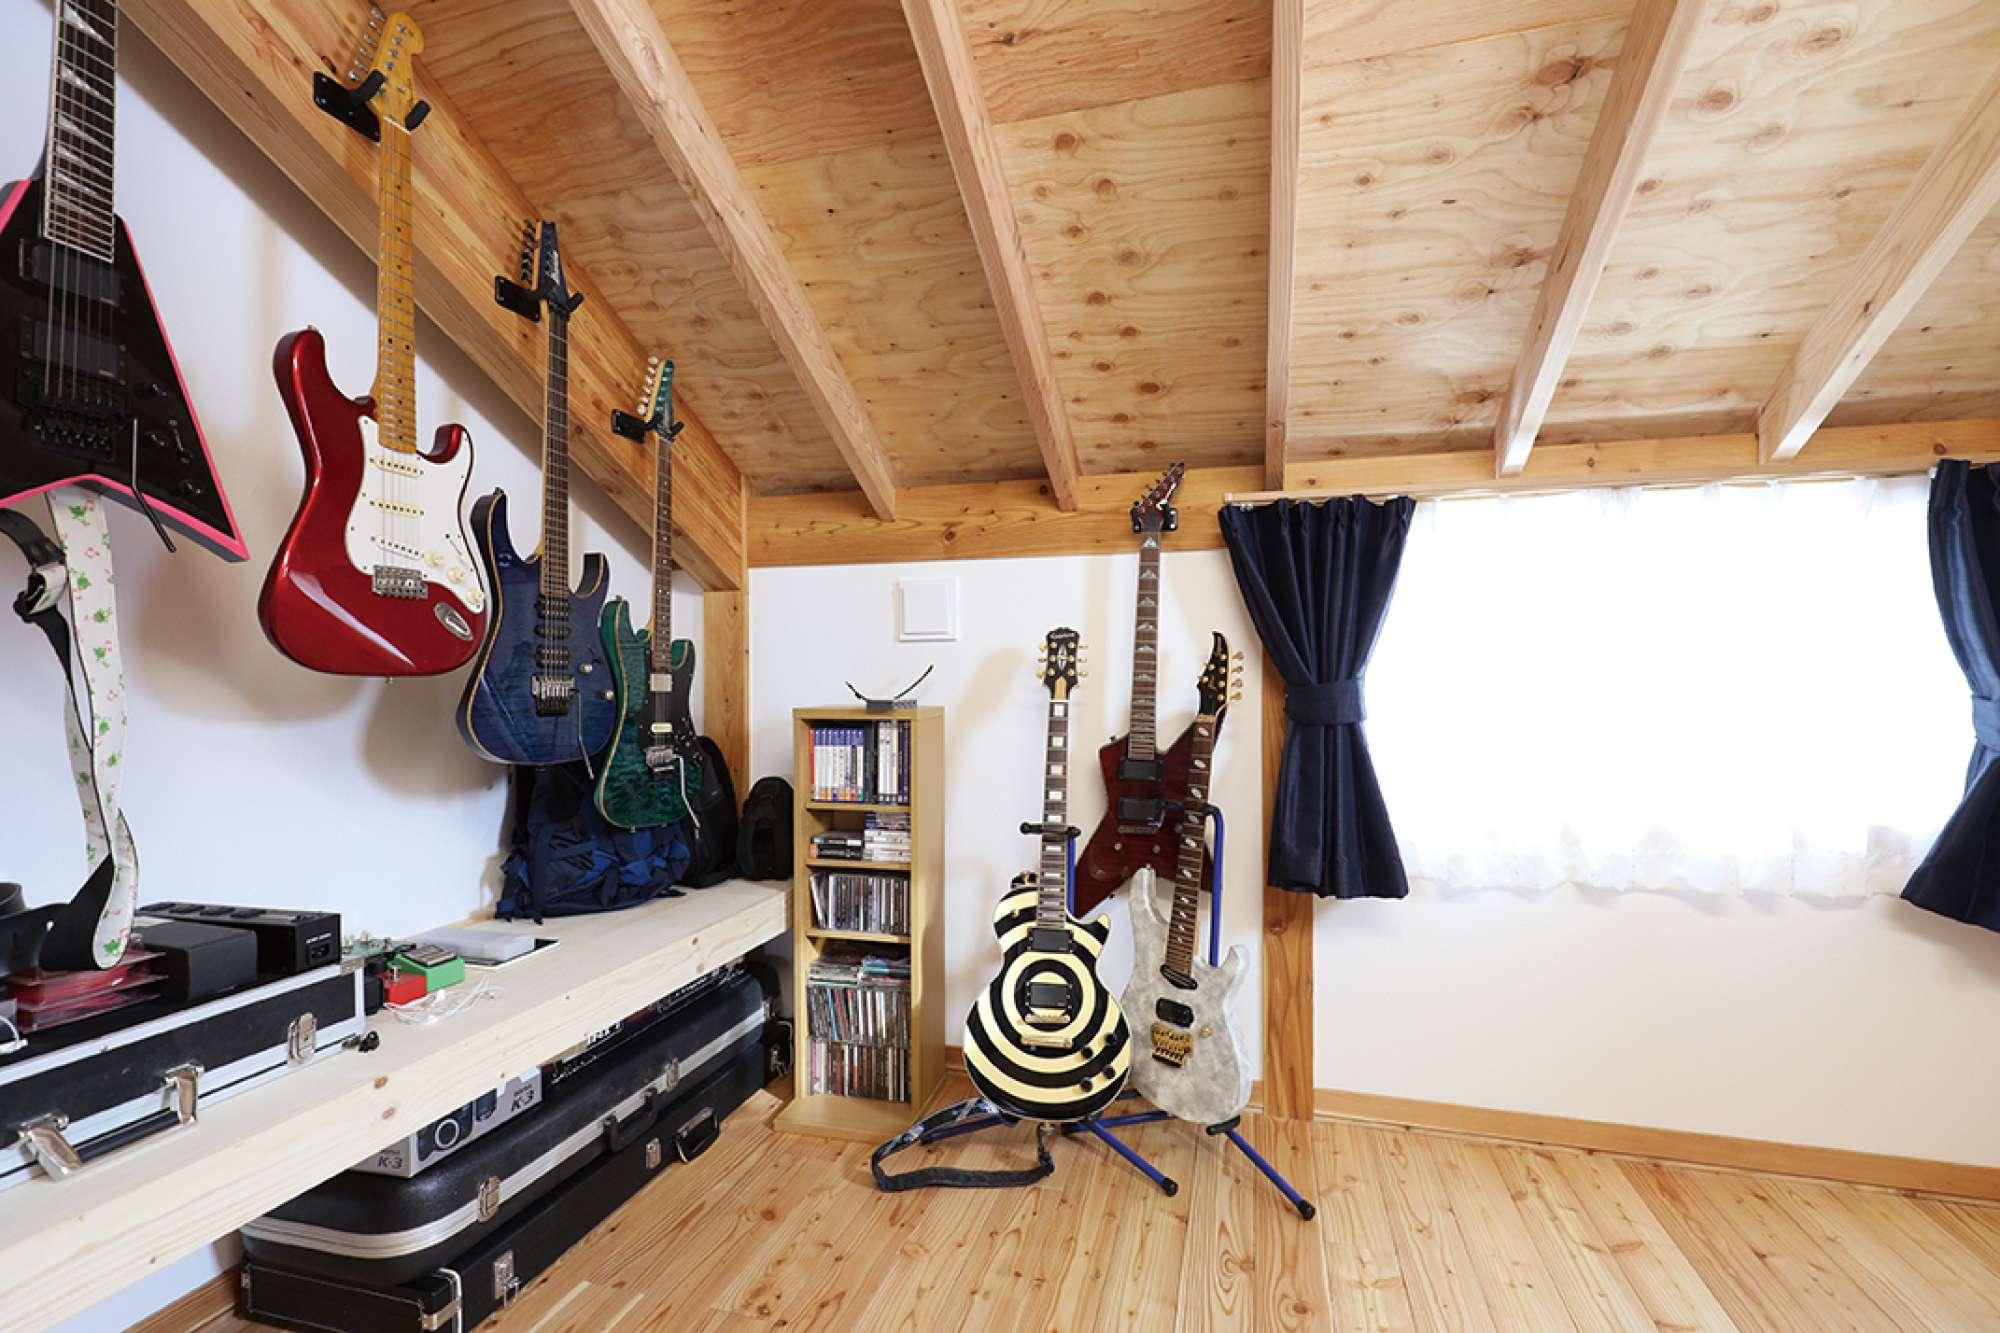 音楽を楽しむ2階の趣味の部屋。 造作棚の上にギターがずらり -  -  -